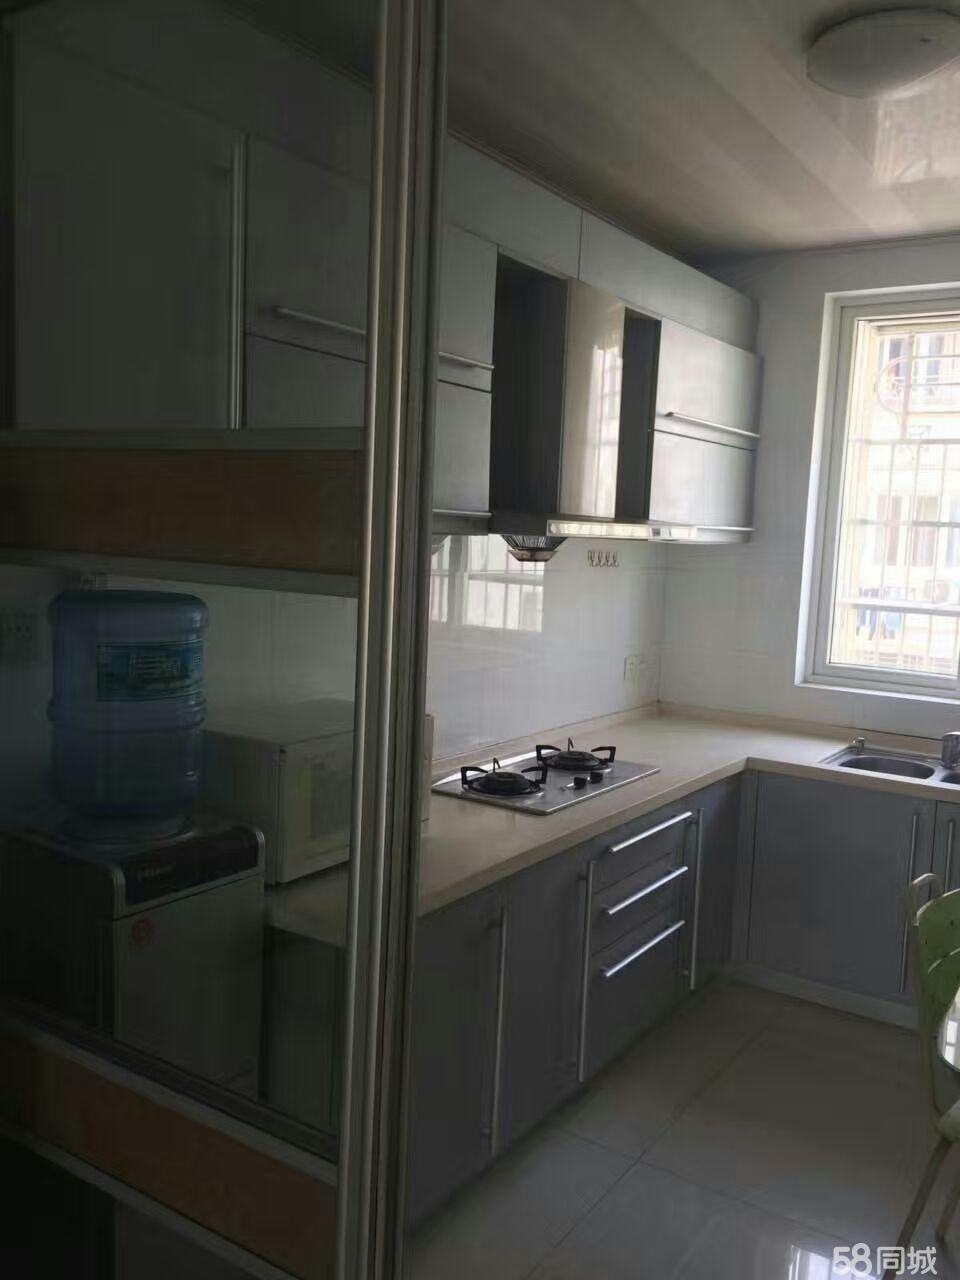 启东市区南润花园3室2厅140平米精装修半年付